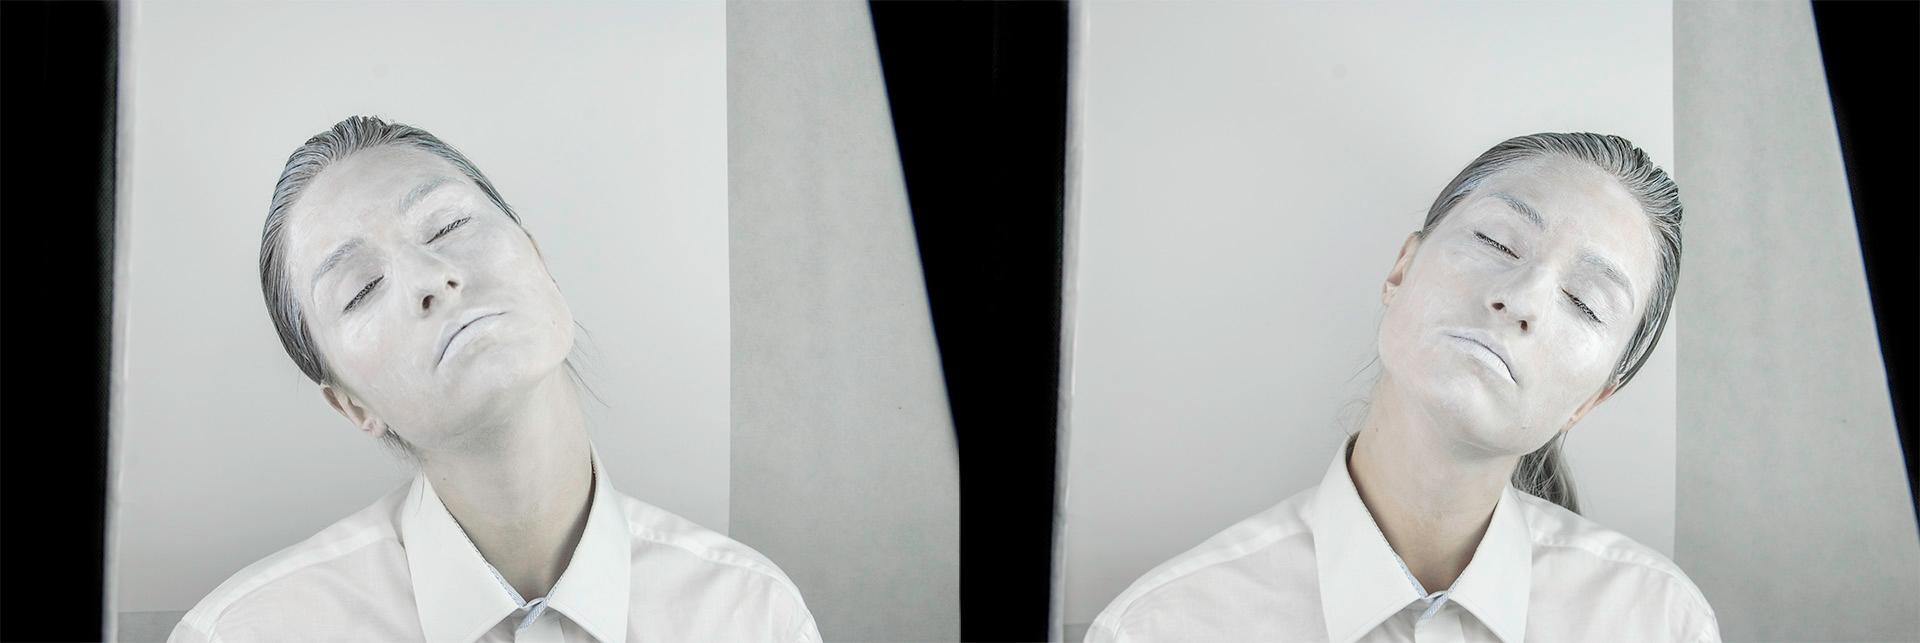 Obraz przedstawia dwa zdjęcia postaci pomalowanej białą farbą, która ma zamknięte oczy i odchyla delikatnie głowę do tyłu.